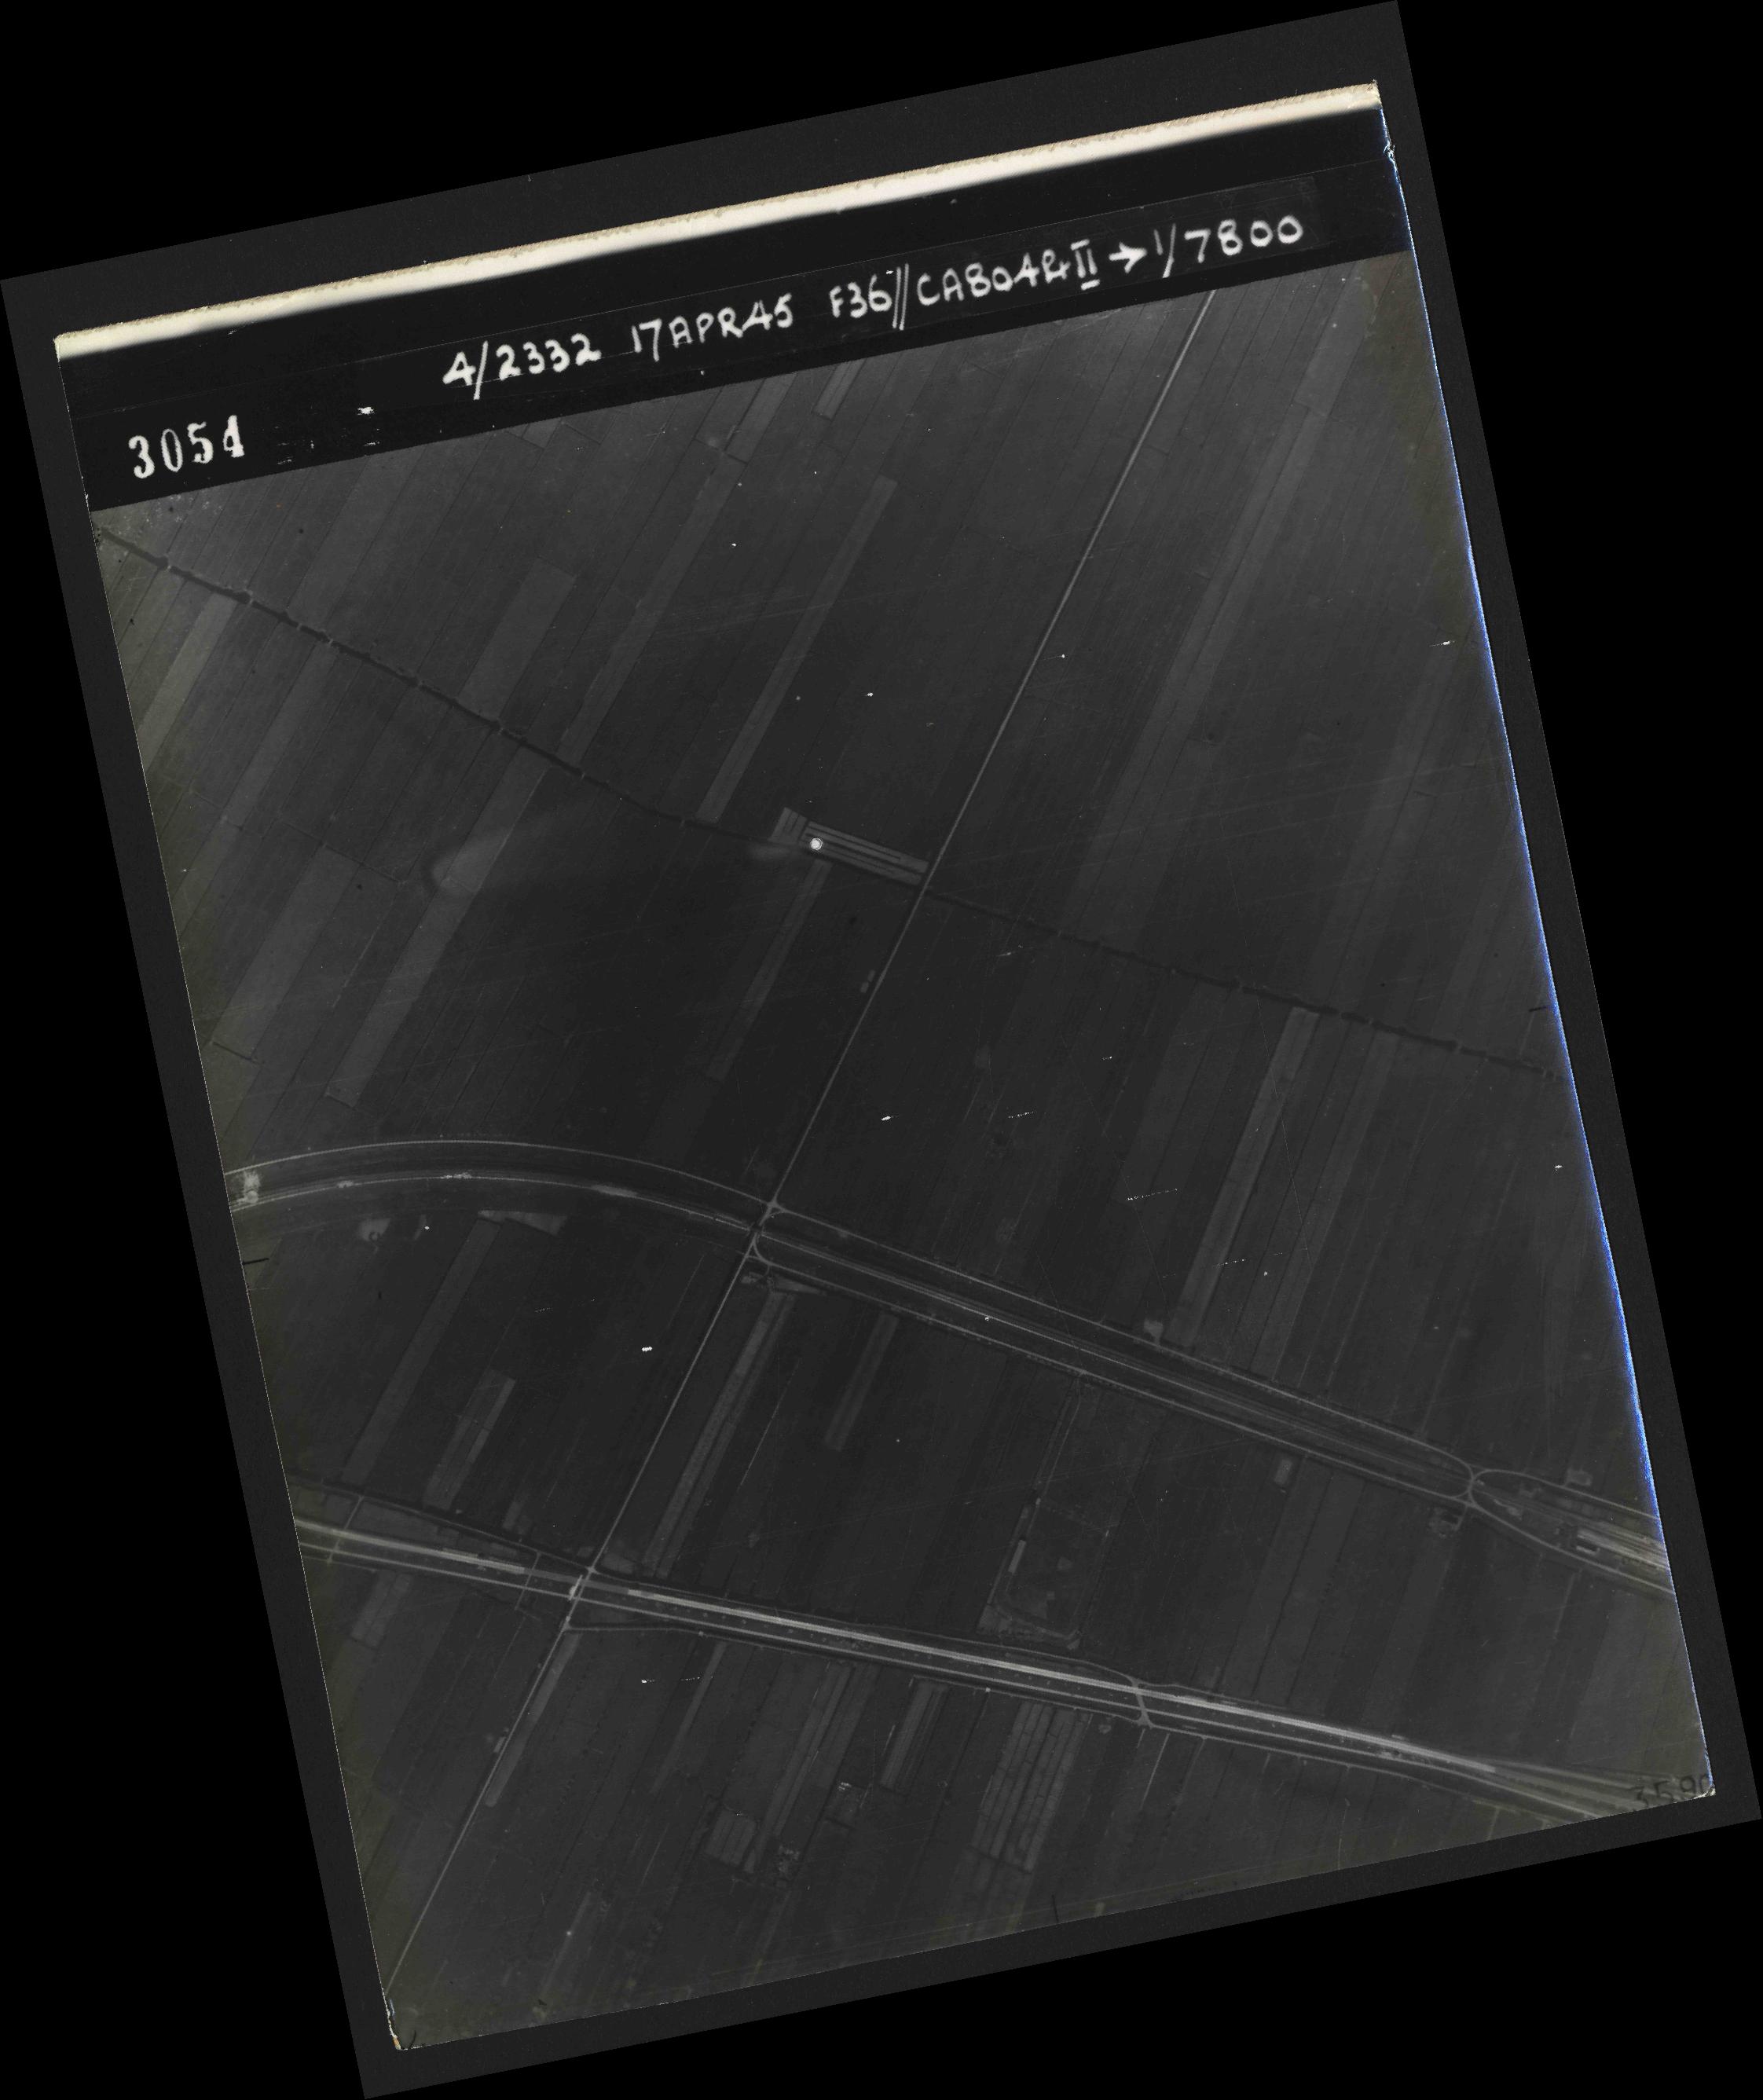 Collection RAF aerial photos 1940-1945 - flight 011, run 02, photo 3054